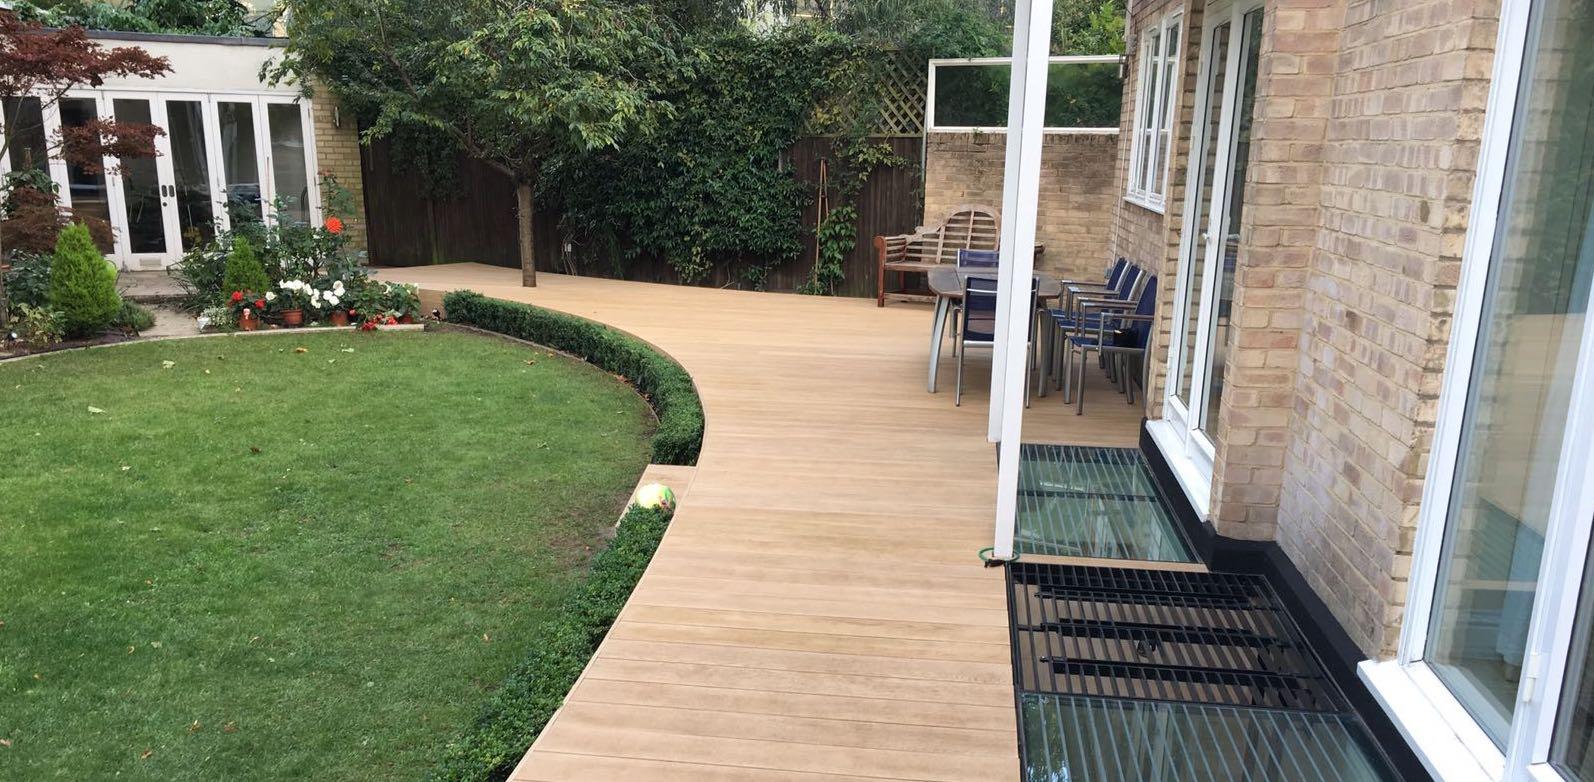 Millboard Composite Decking garden